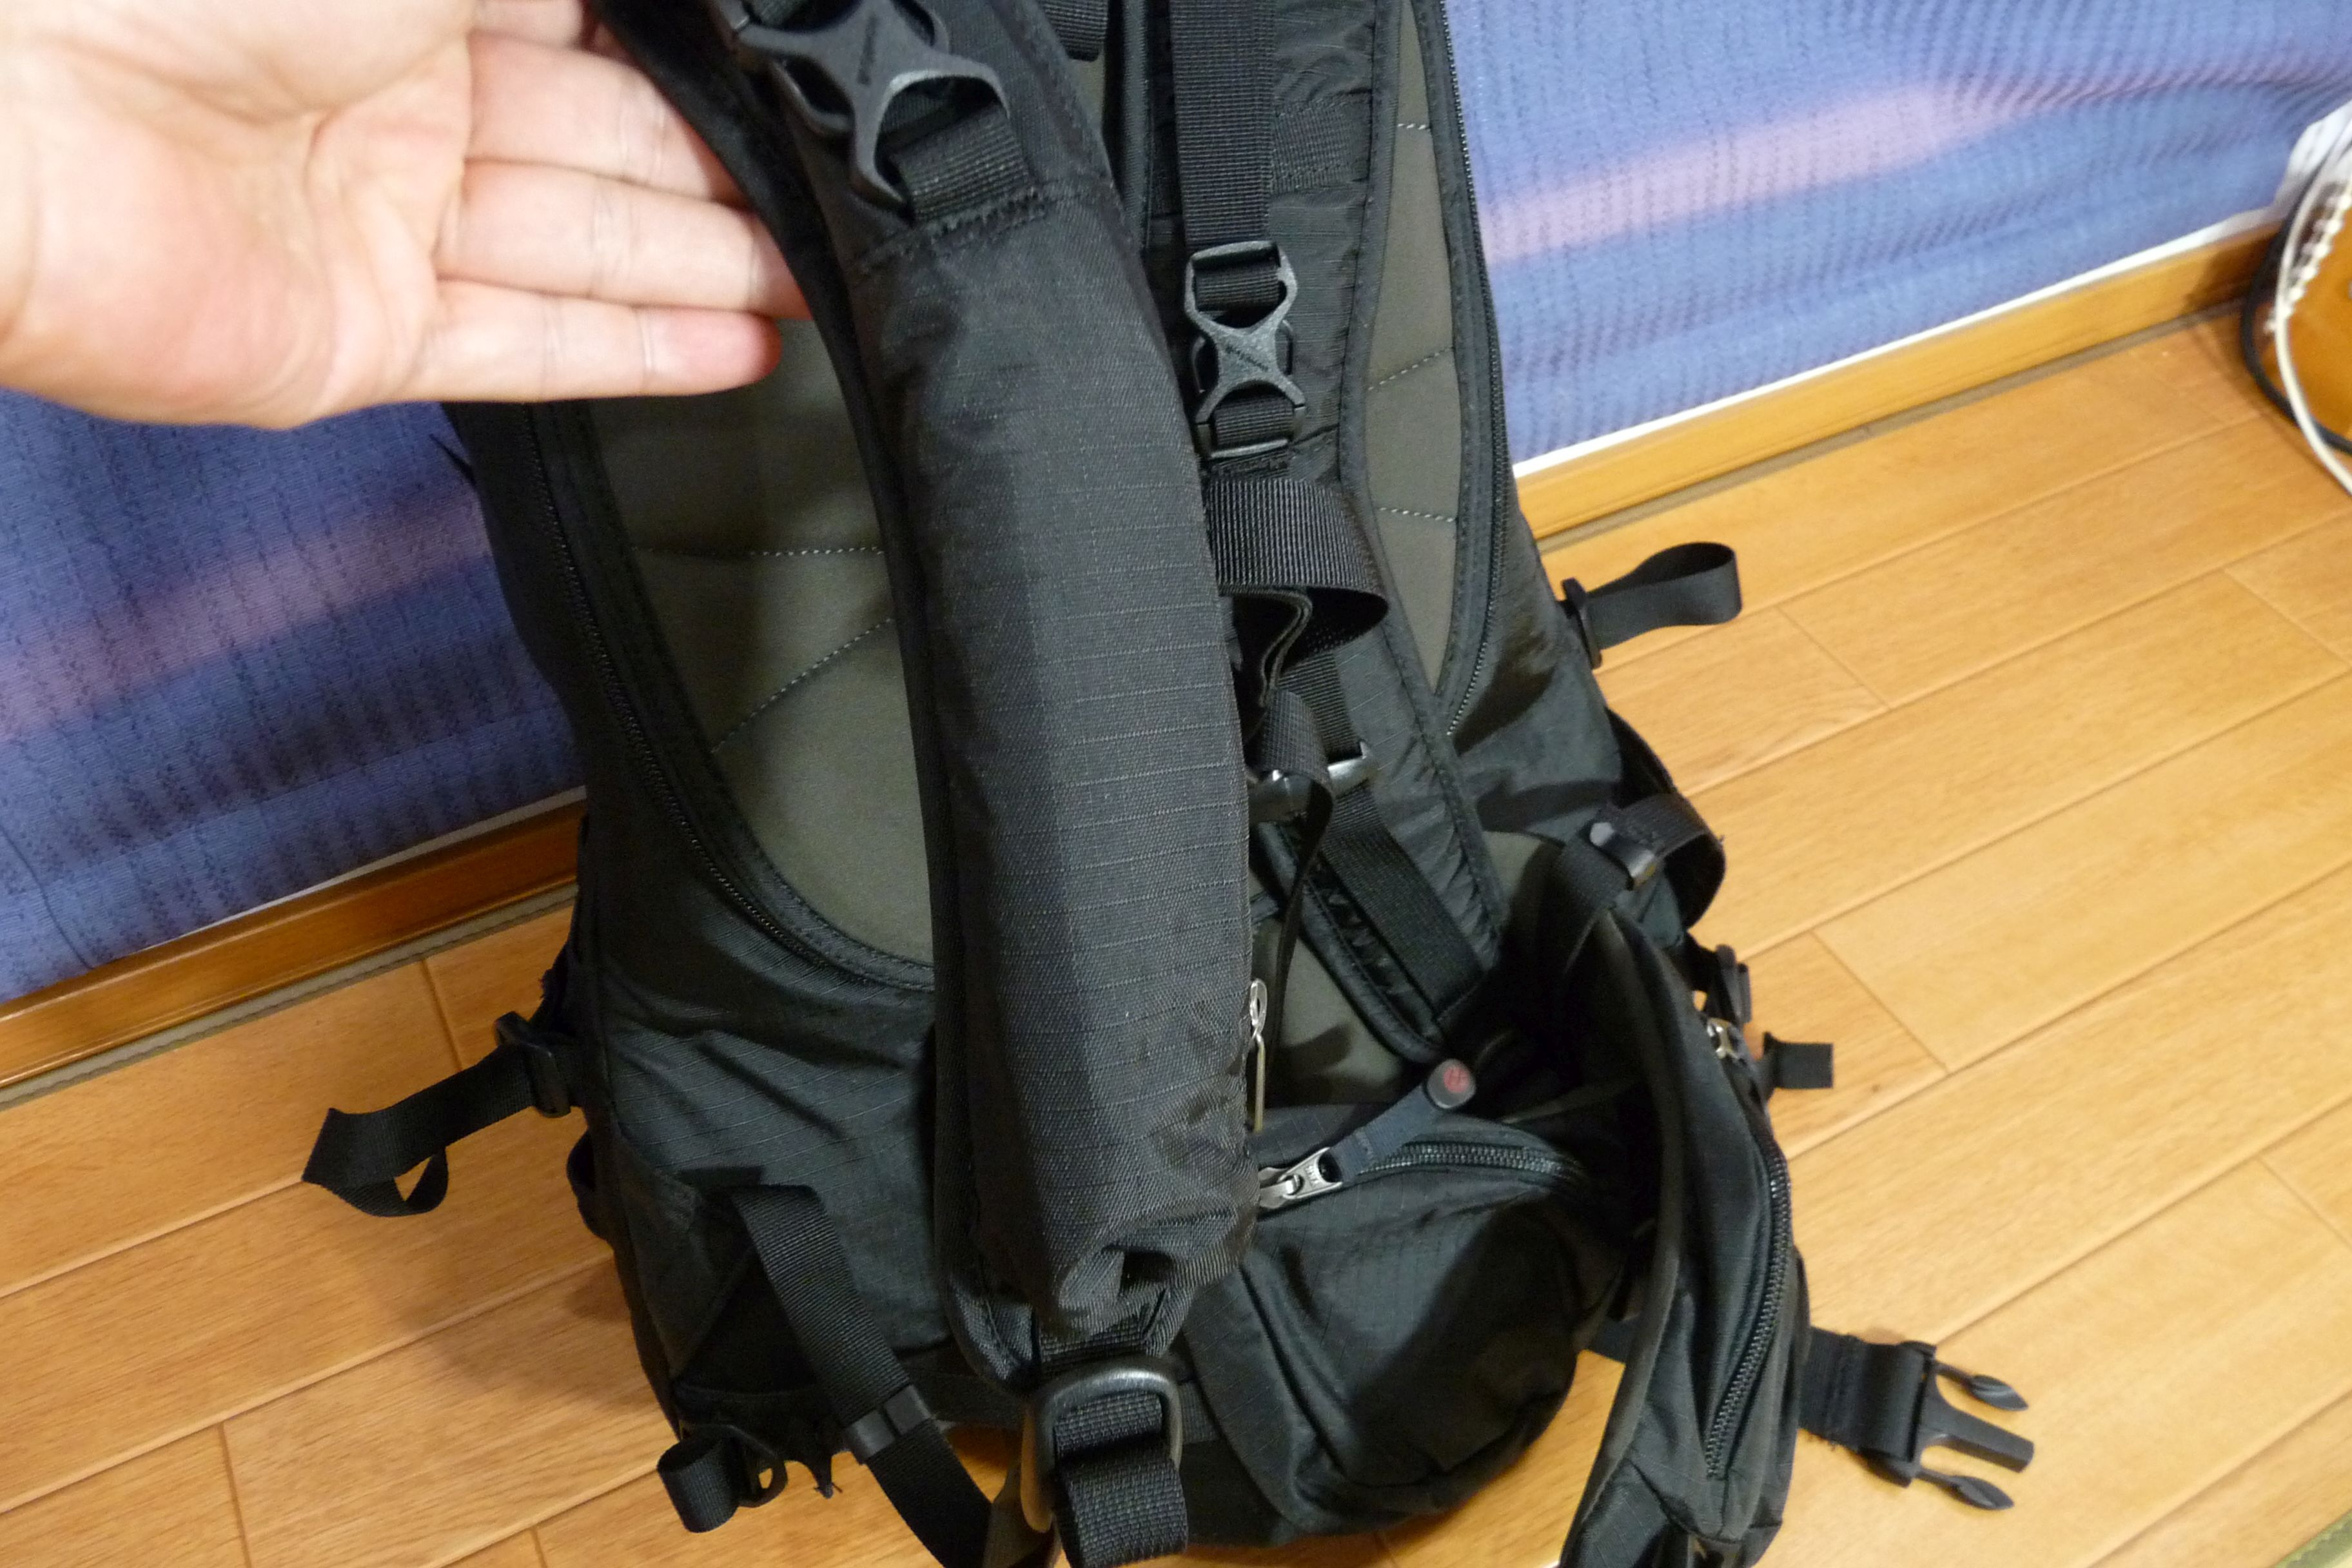 SiSO-LAB☆モンベル・ランドナーパック33・荷物の多いファミリーハイキング向け?